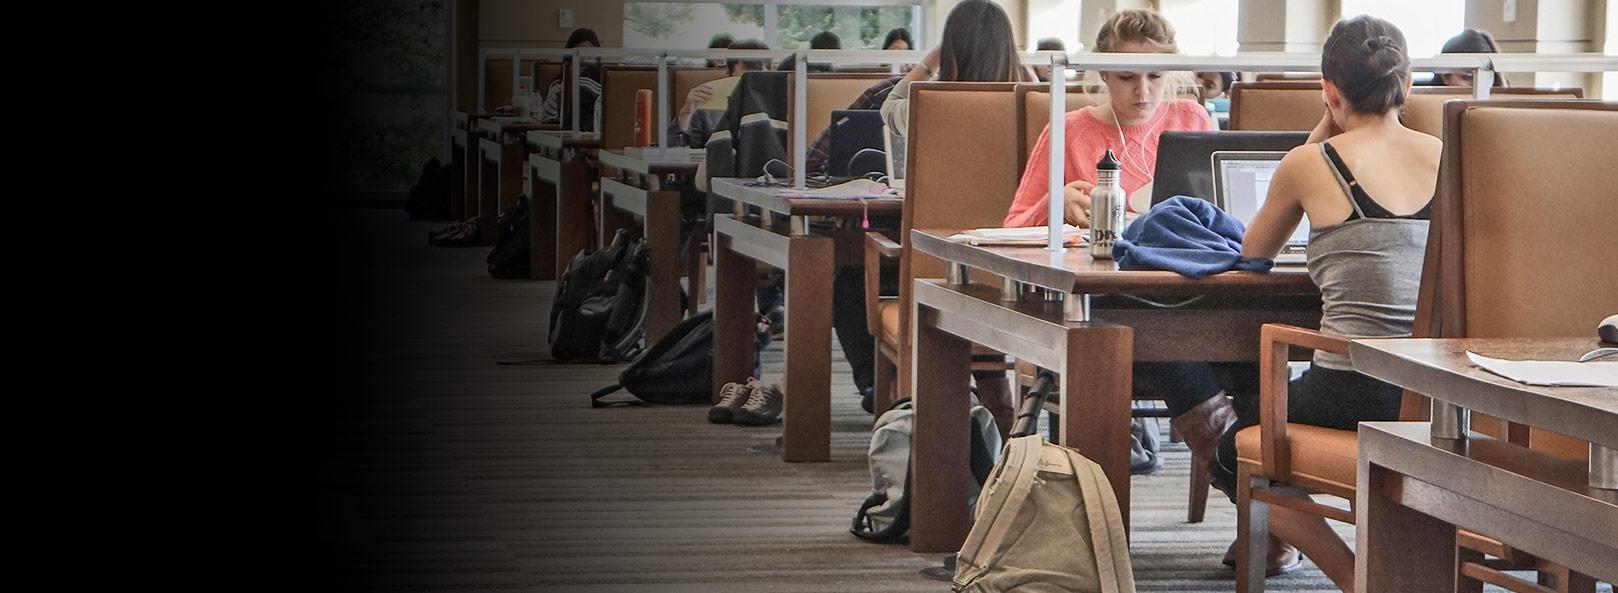 La irrupción de la educación online, ¿ha venido para quedarse? – Noticias España